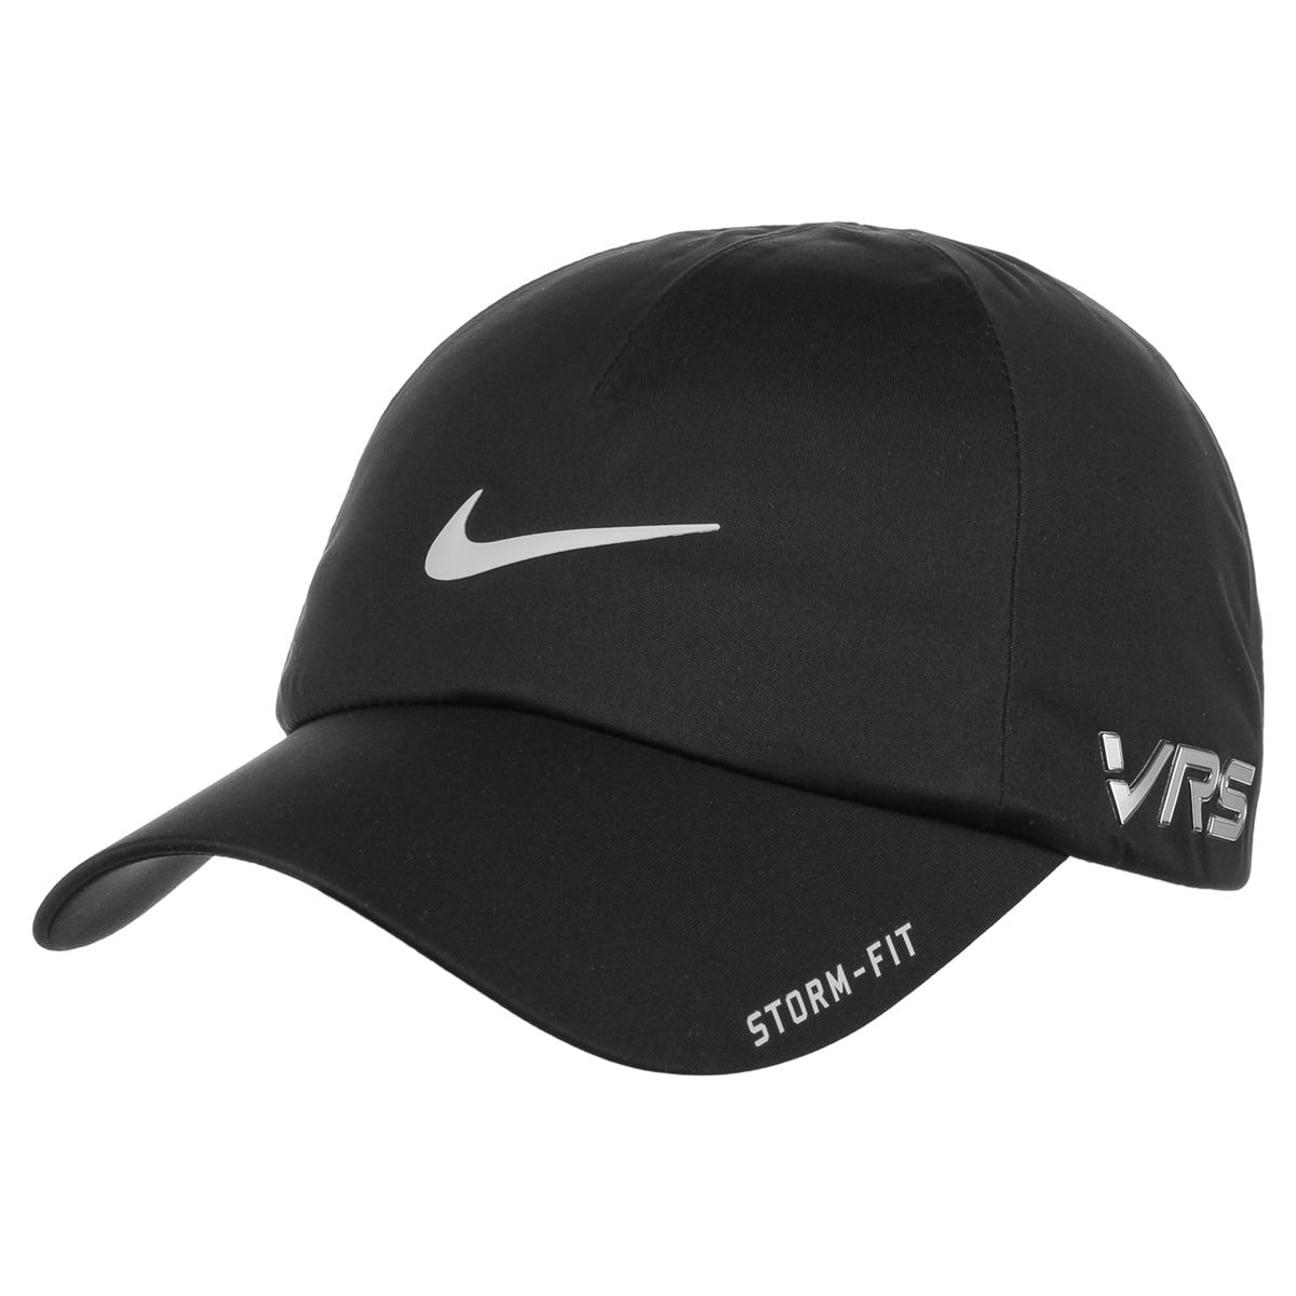 ... Storm-Fit Tour Golf Cap by Nike - black 4 6150f87341d